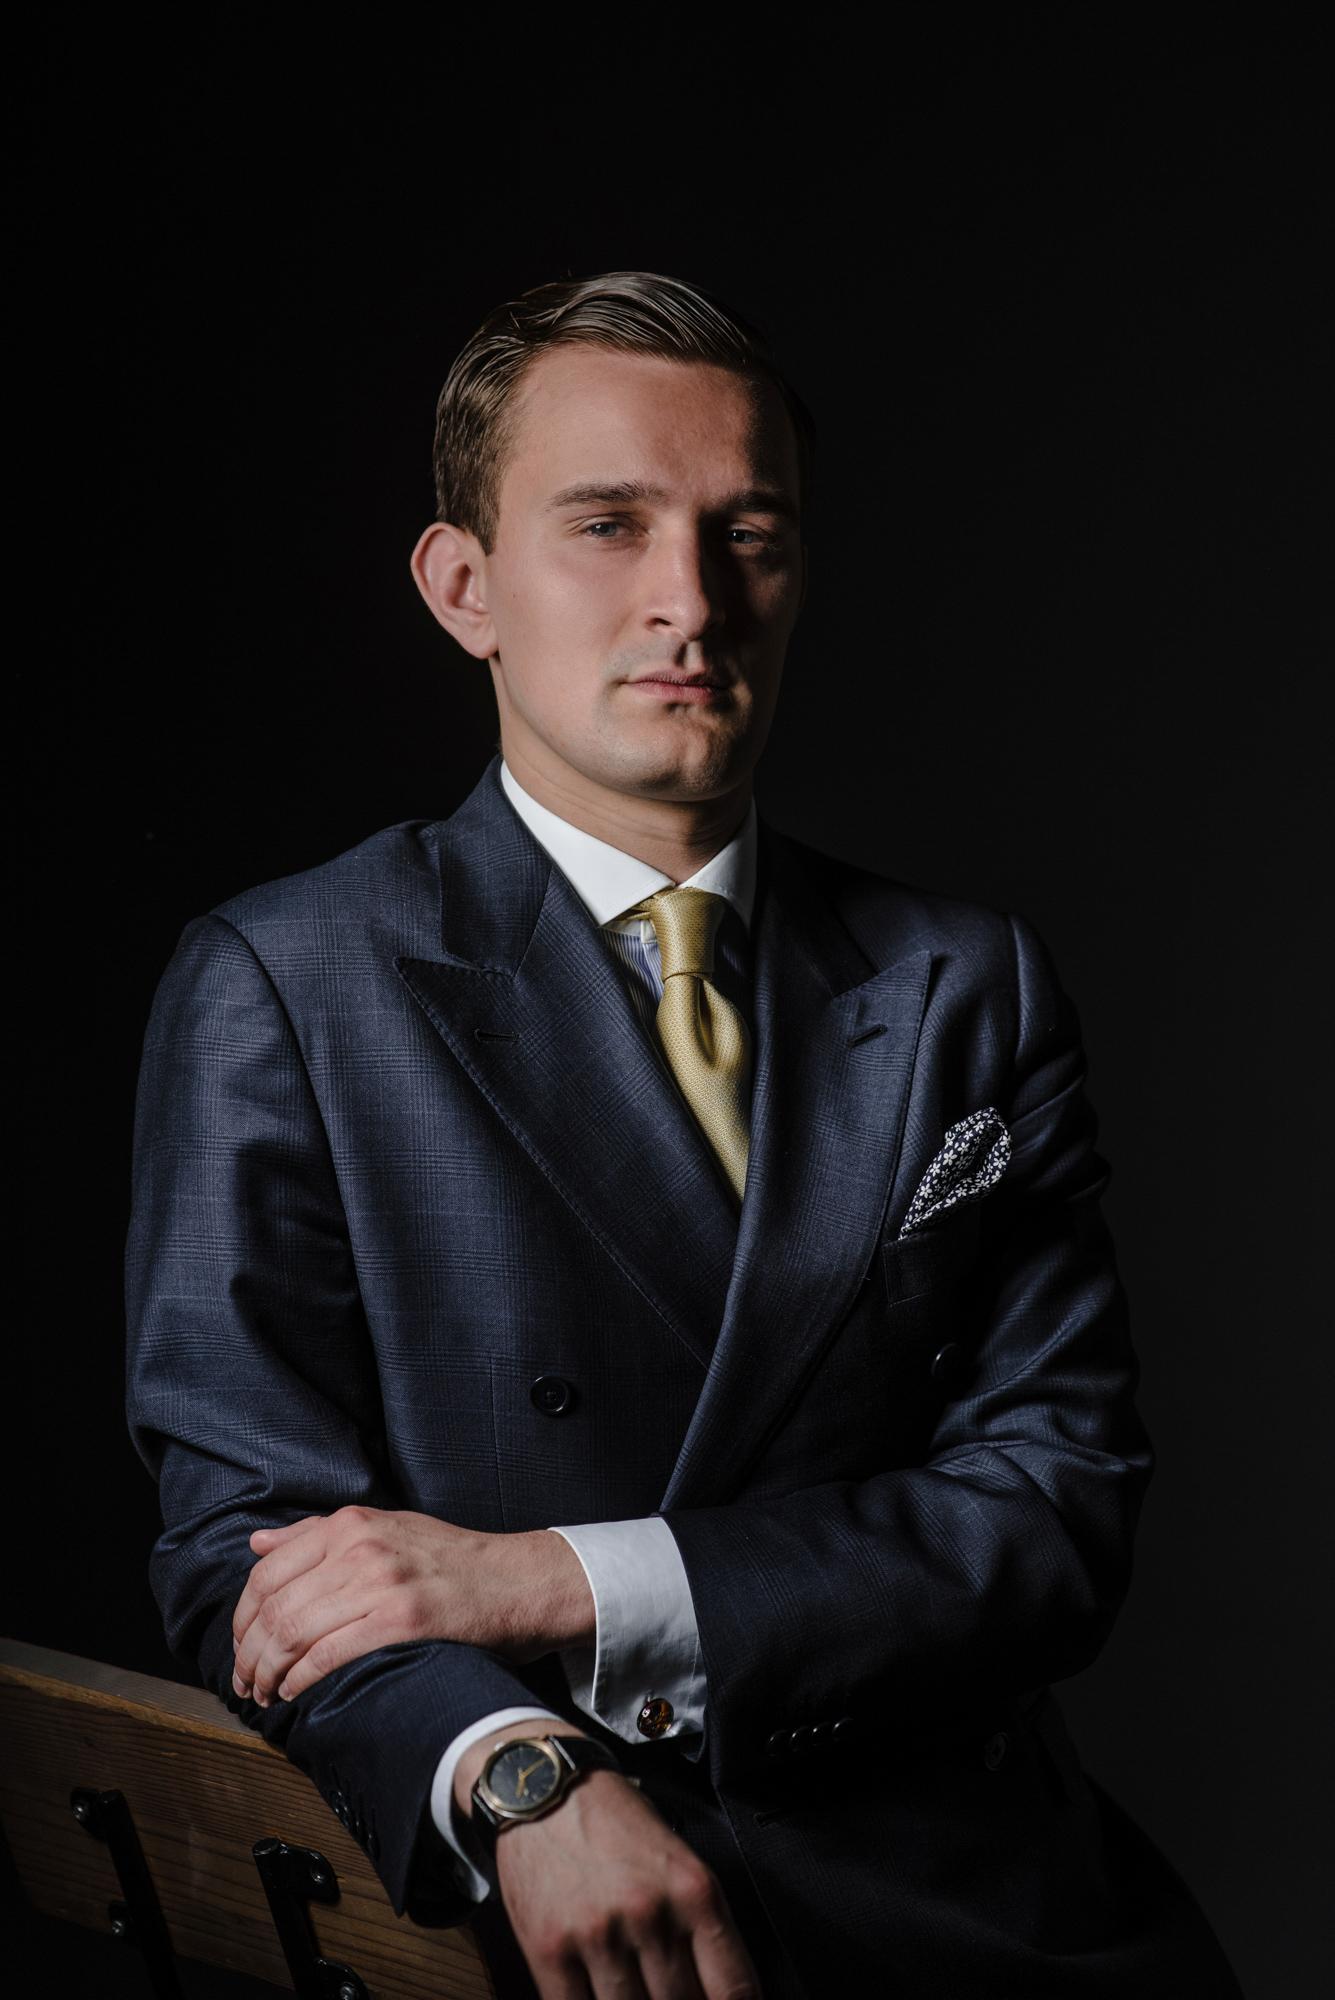 022 деловой портрет